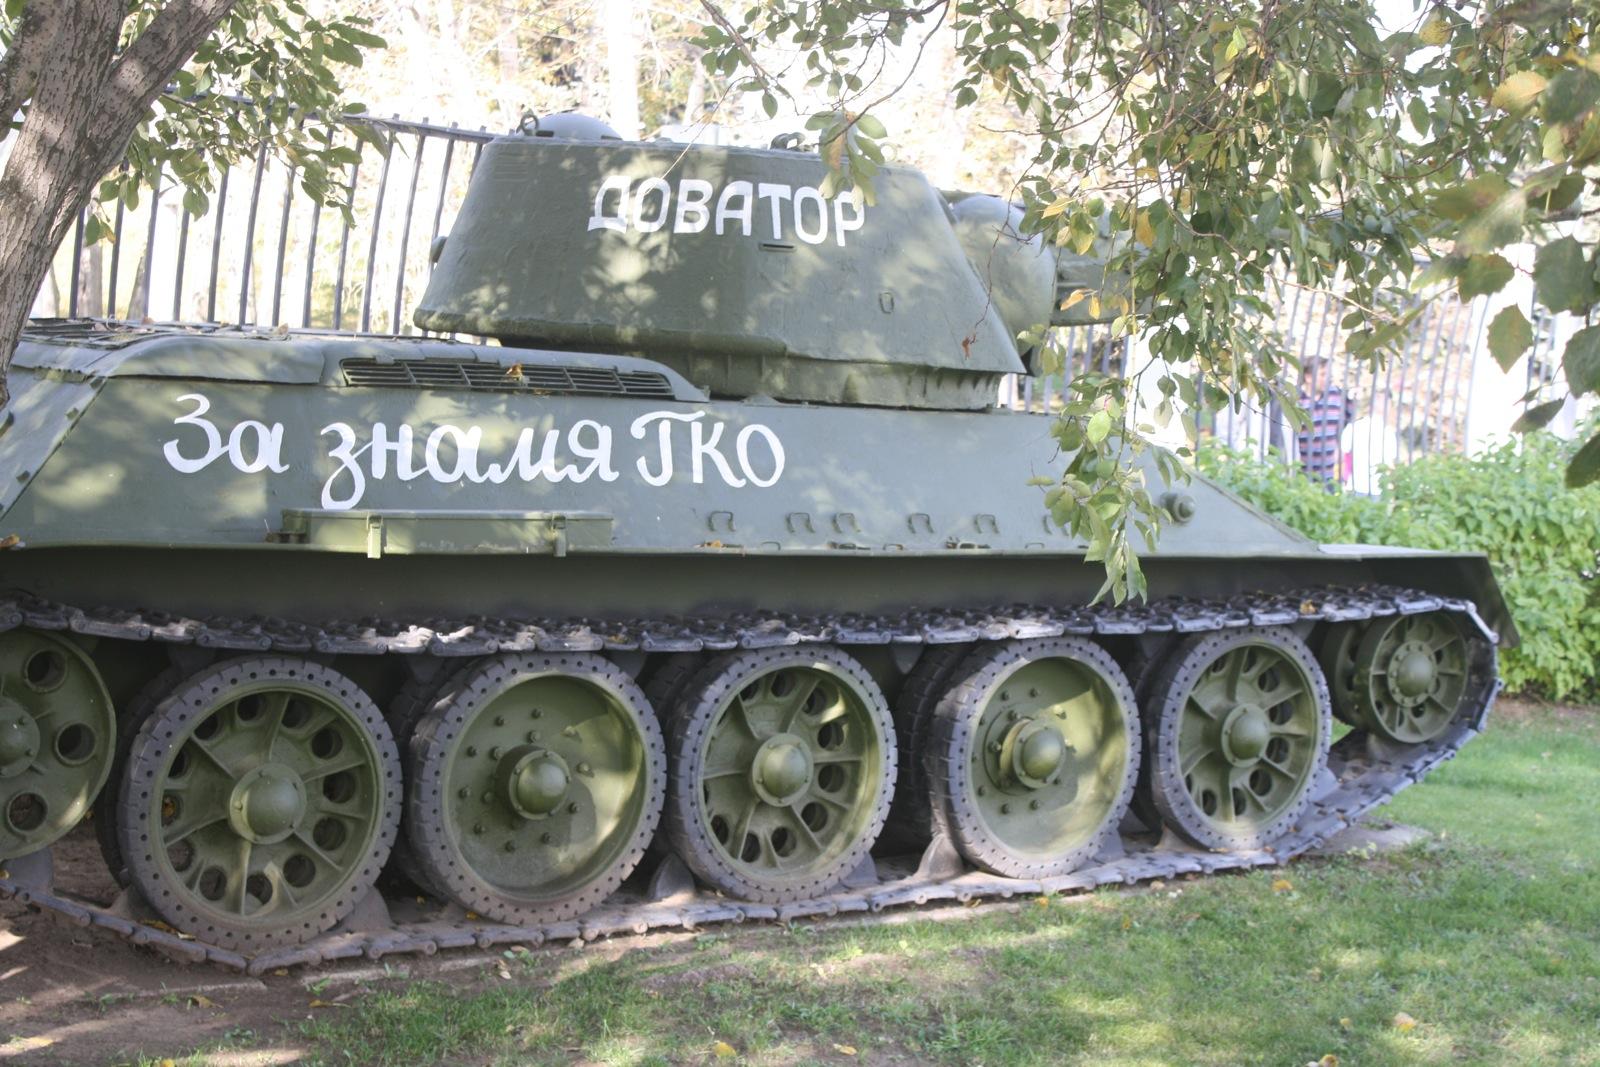 У музеју је на отвореном простору изложено више од 300 тенкова, аутомобила, бродова, авиона, као и пешадијско и артиљеријско наоружање које су током Другог светског рата користили СССР и његови савезници.